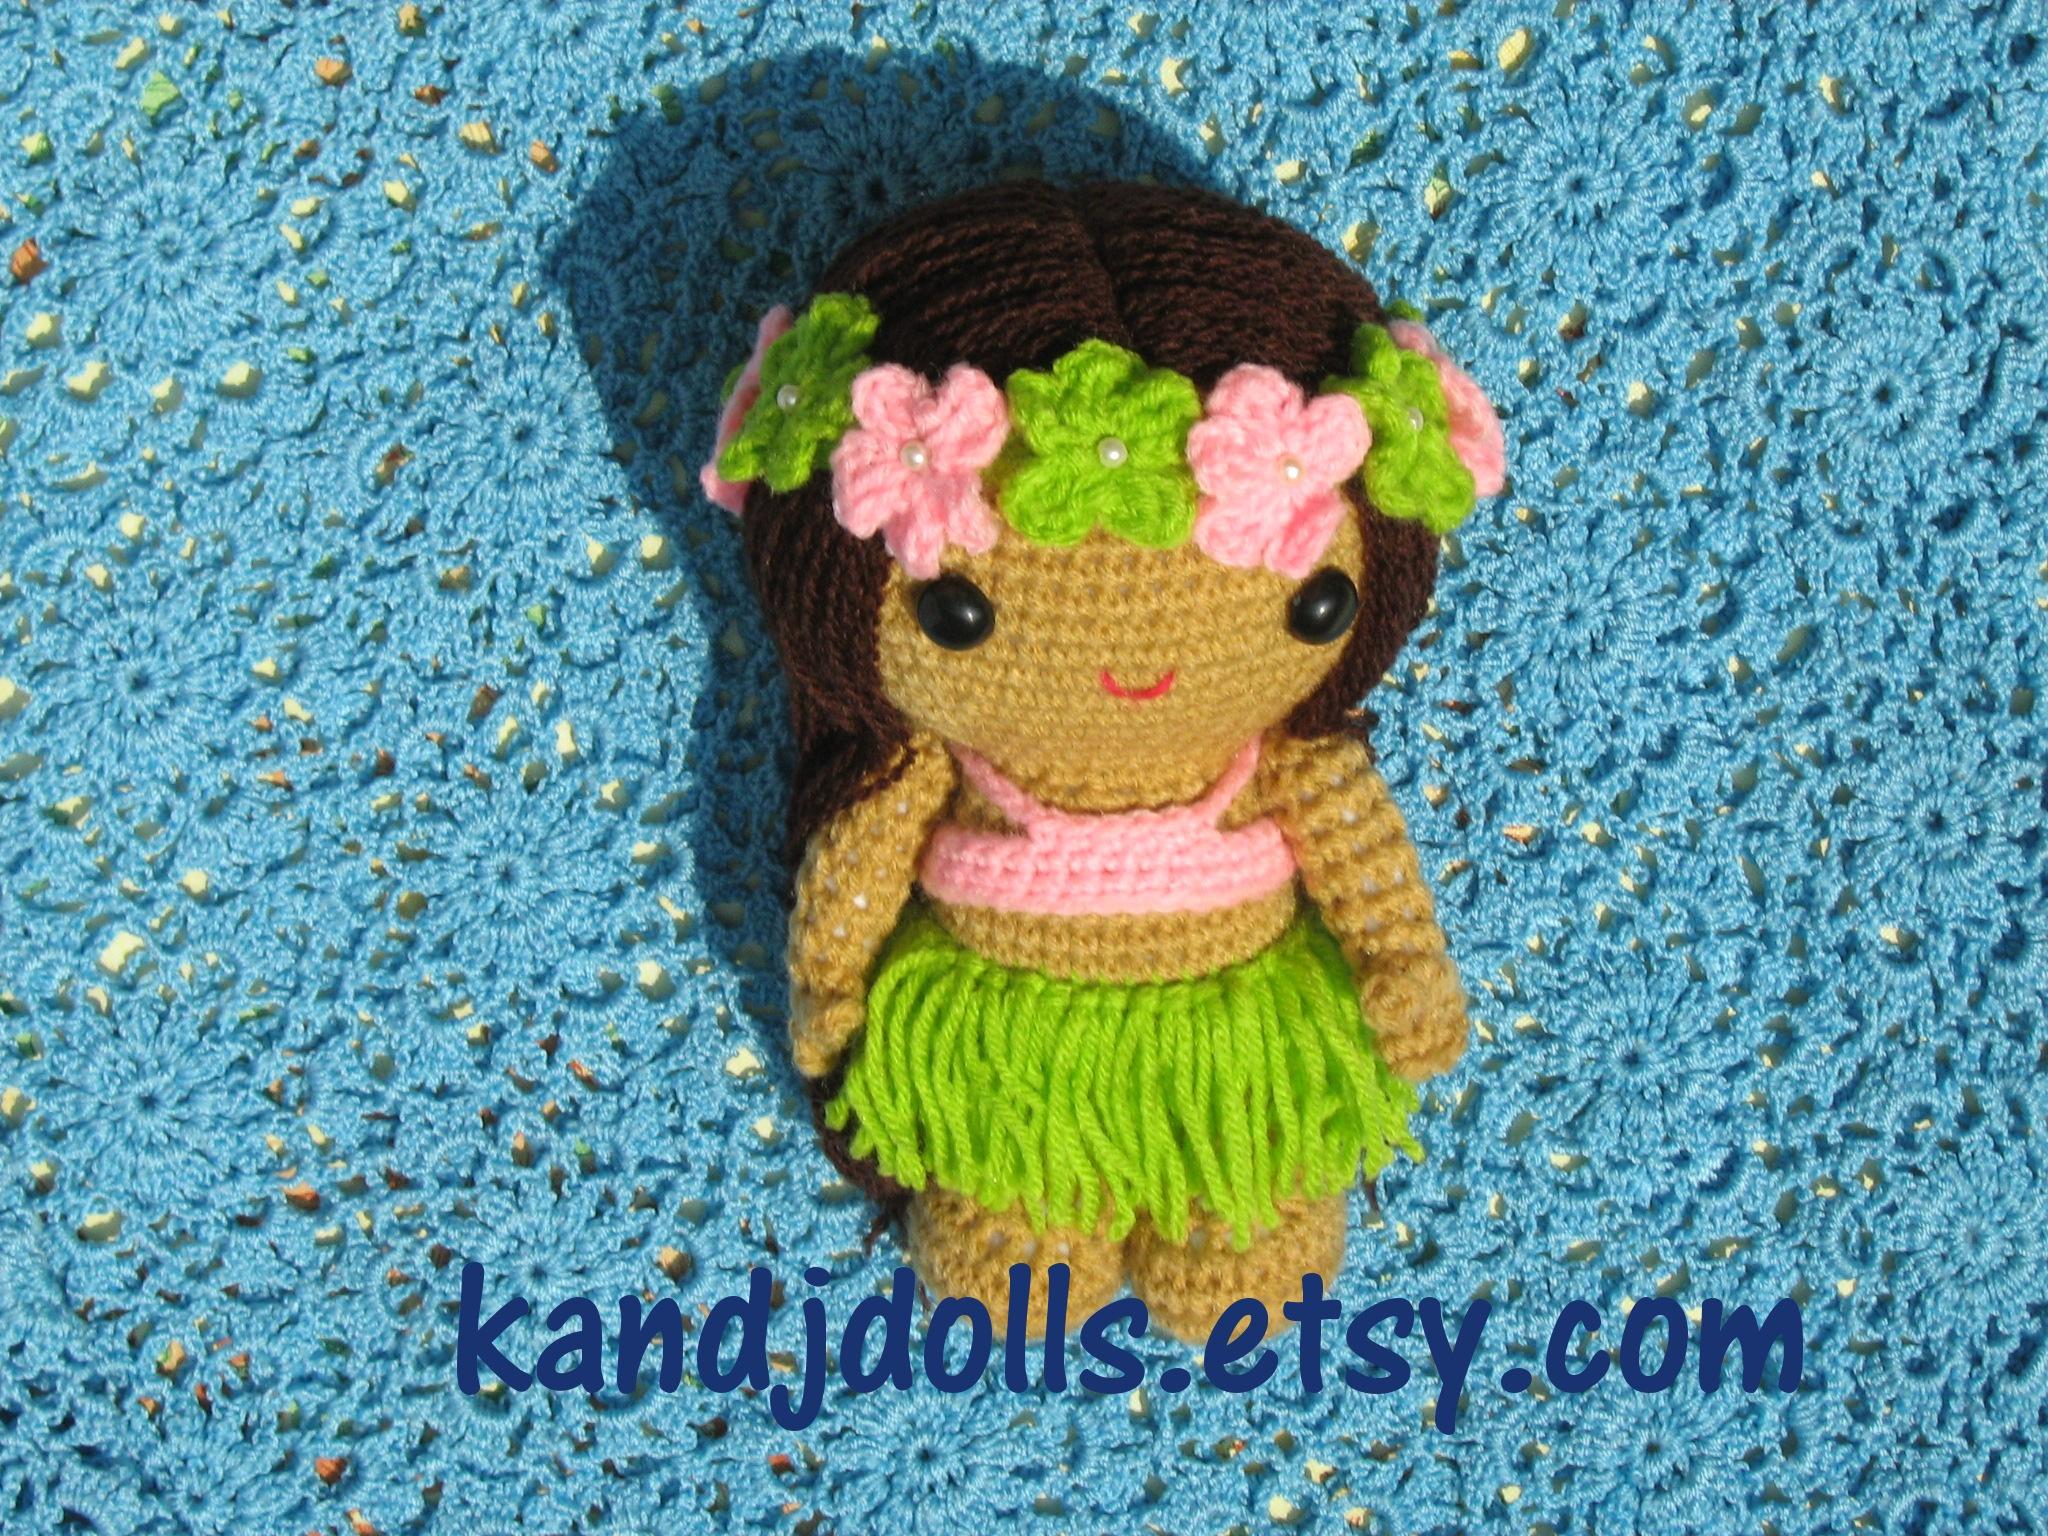 Amigurumi Hawai Doll : Anela the Hula Girl Amigurumi by kandjdolls on DeviantArt